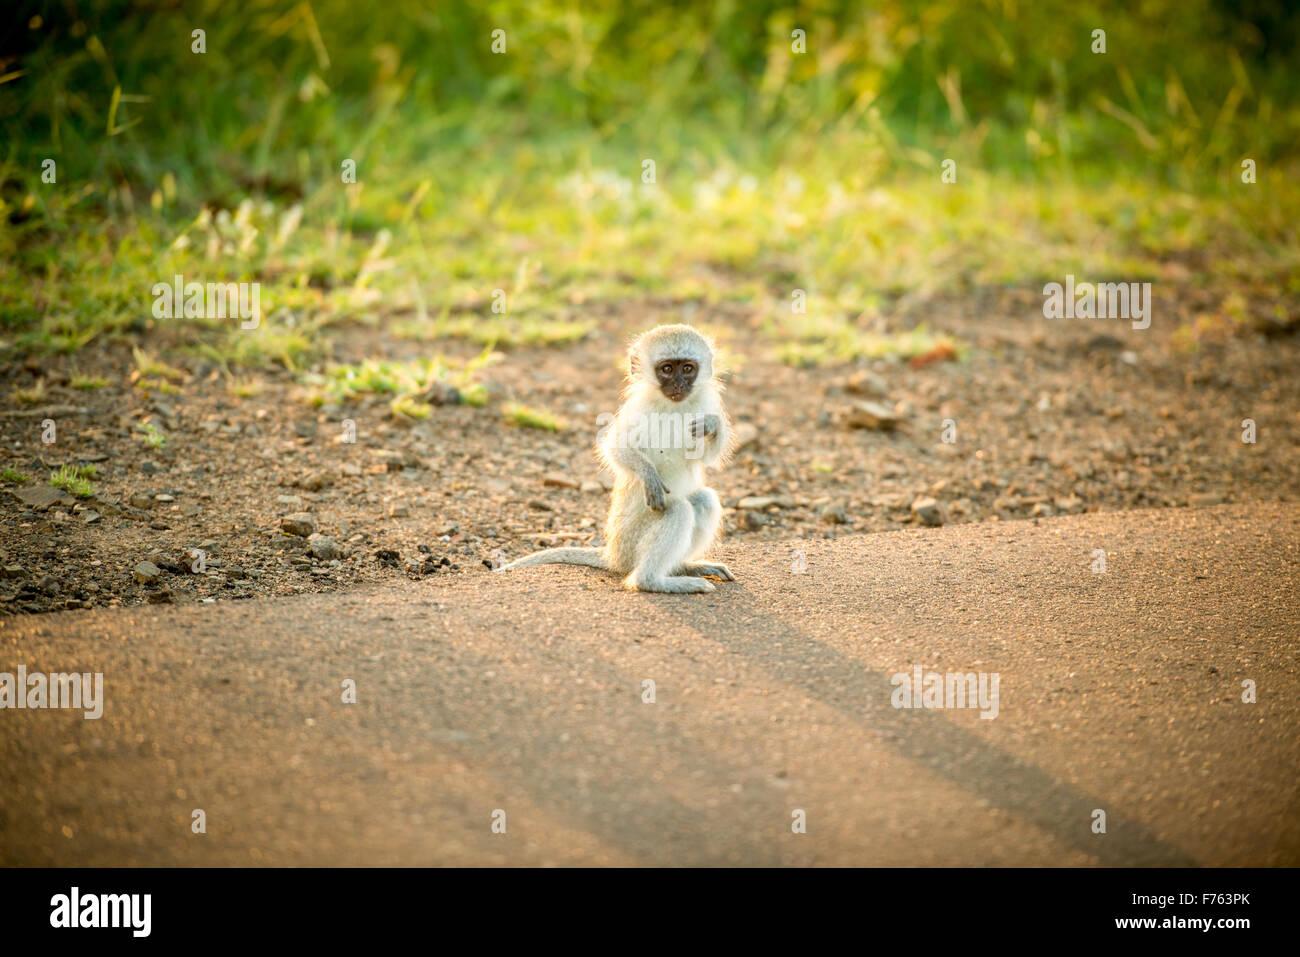 Afrique du Sud - Parc National Kruger et un singe (Chlorocebus pygerythrus) Photo Stock